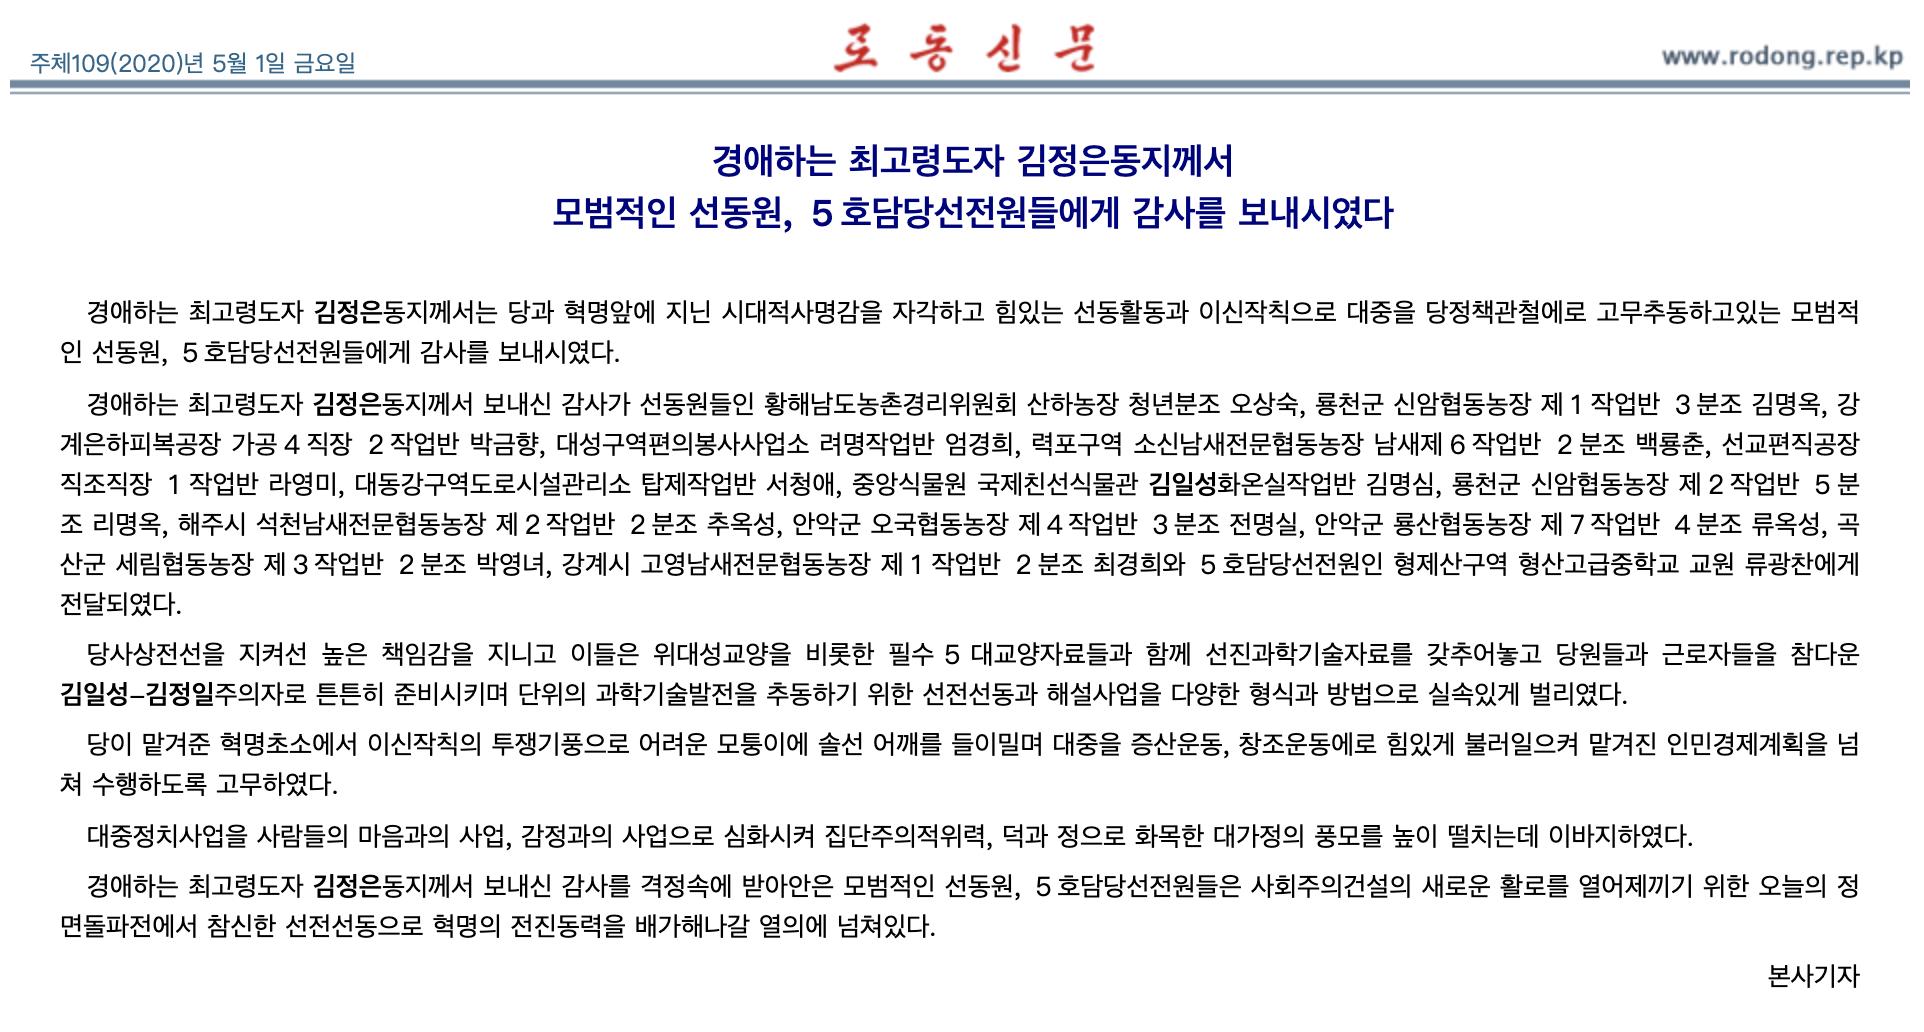 金正恩向朝鮮模范宣傳員表示感謝